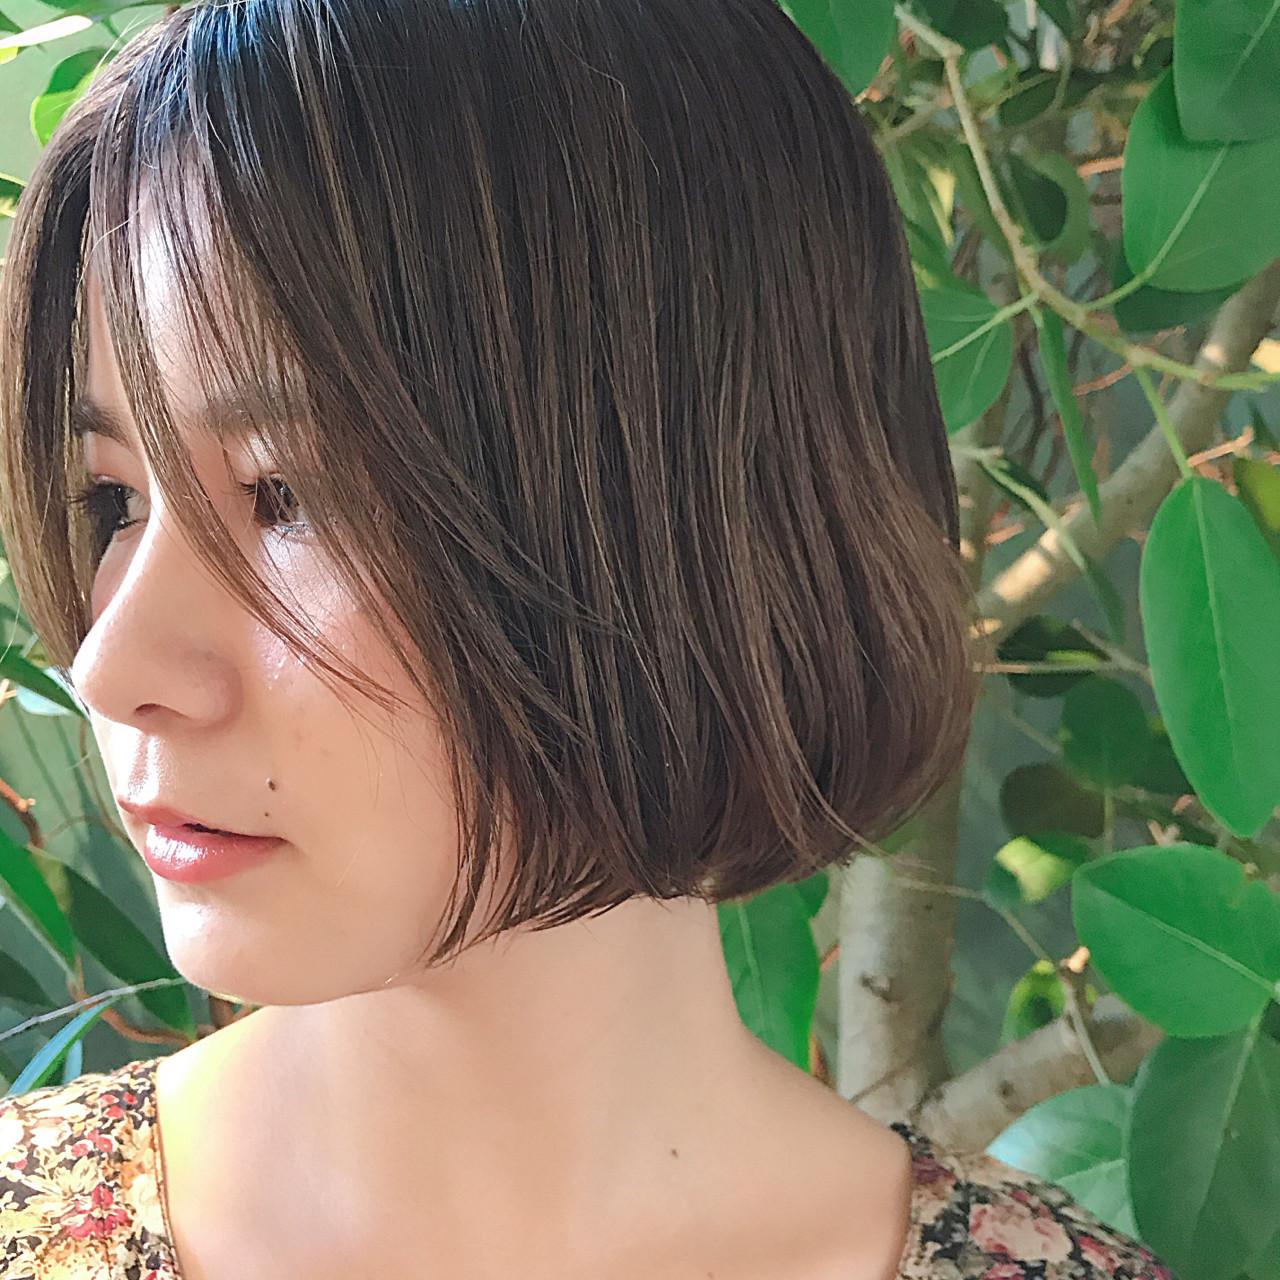 ナチュラル 透明感 ヘアアレンジ エフォートレス ヘアスタイルや髪型の写真・画像 | 永澤佑衣 / December